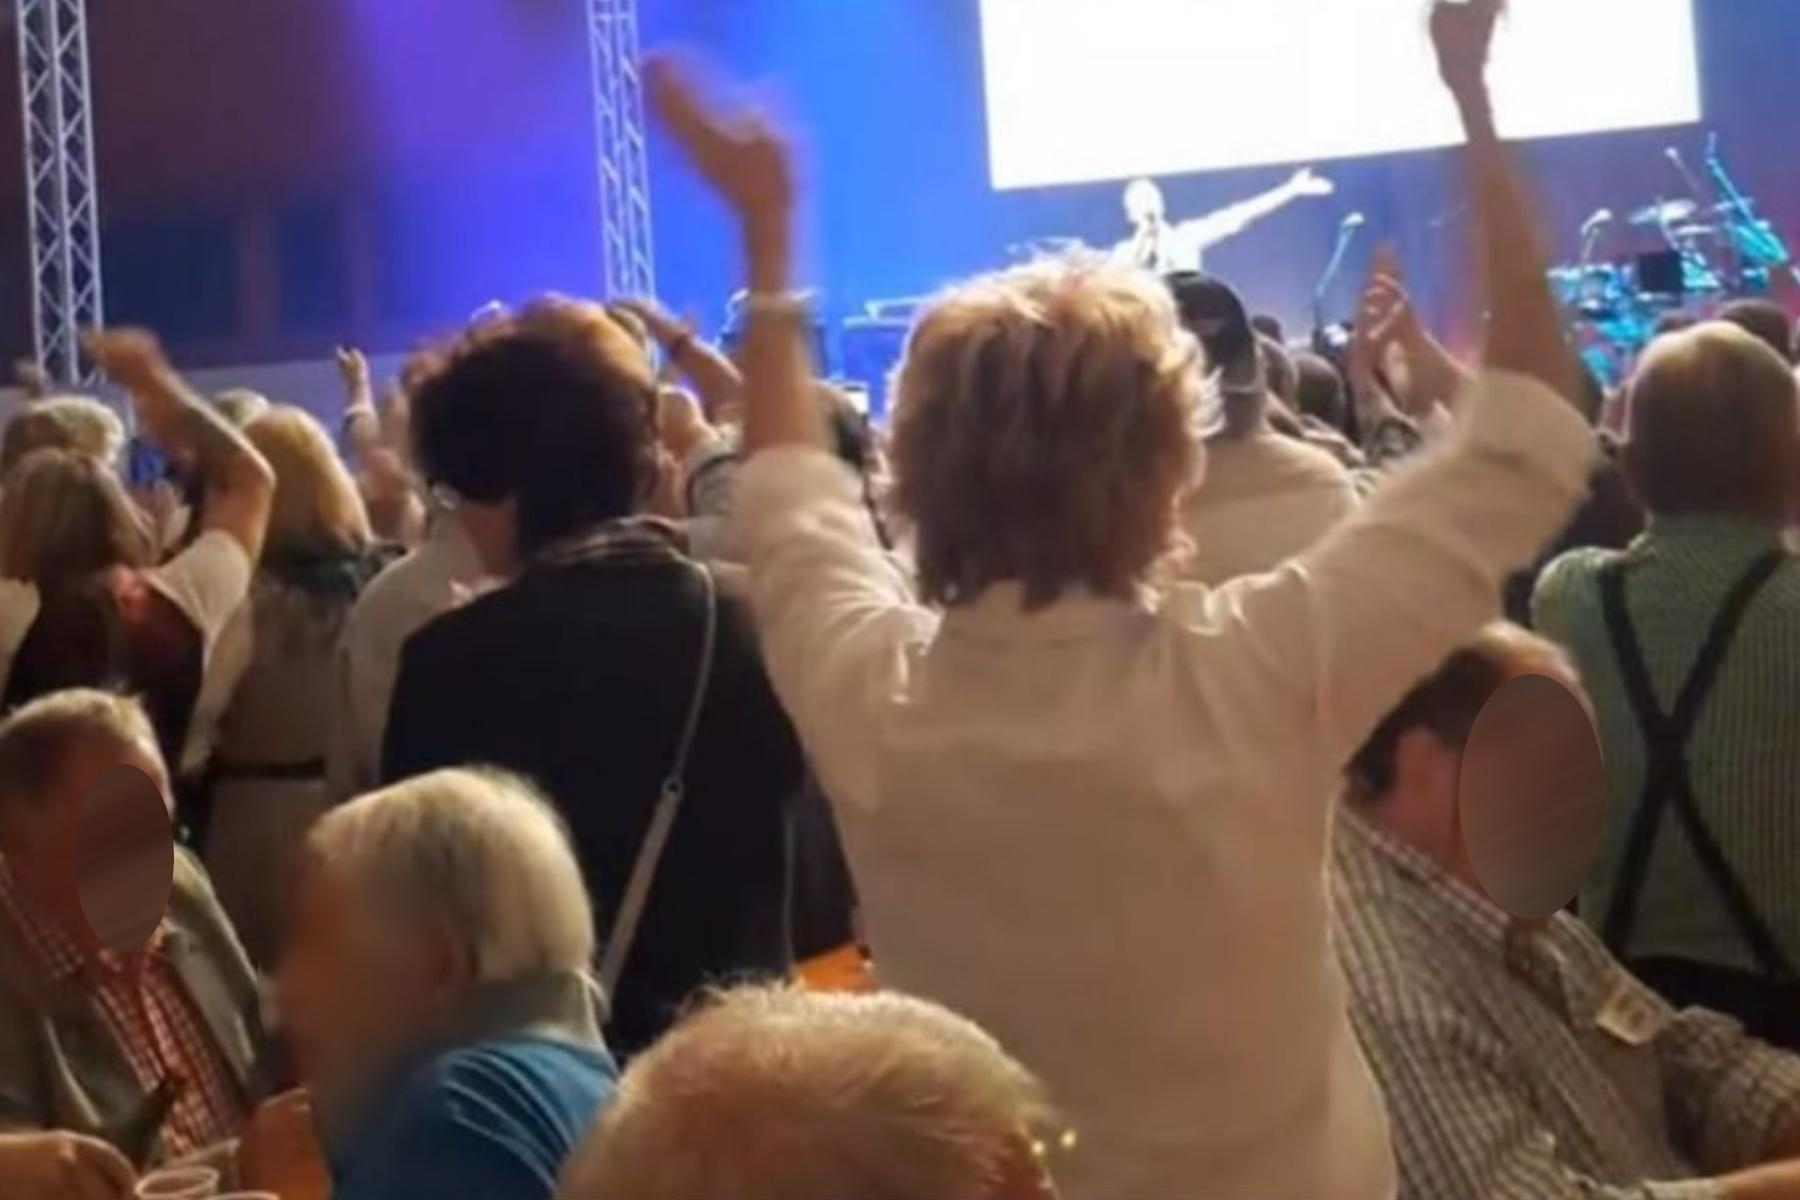 """Freiheitliche Jugend: """"Trotz 3G: Maskenpflicht im Pub Pflicht, beim Spatzenfest aber egal?"""""""